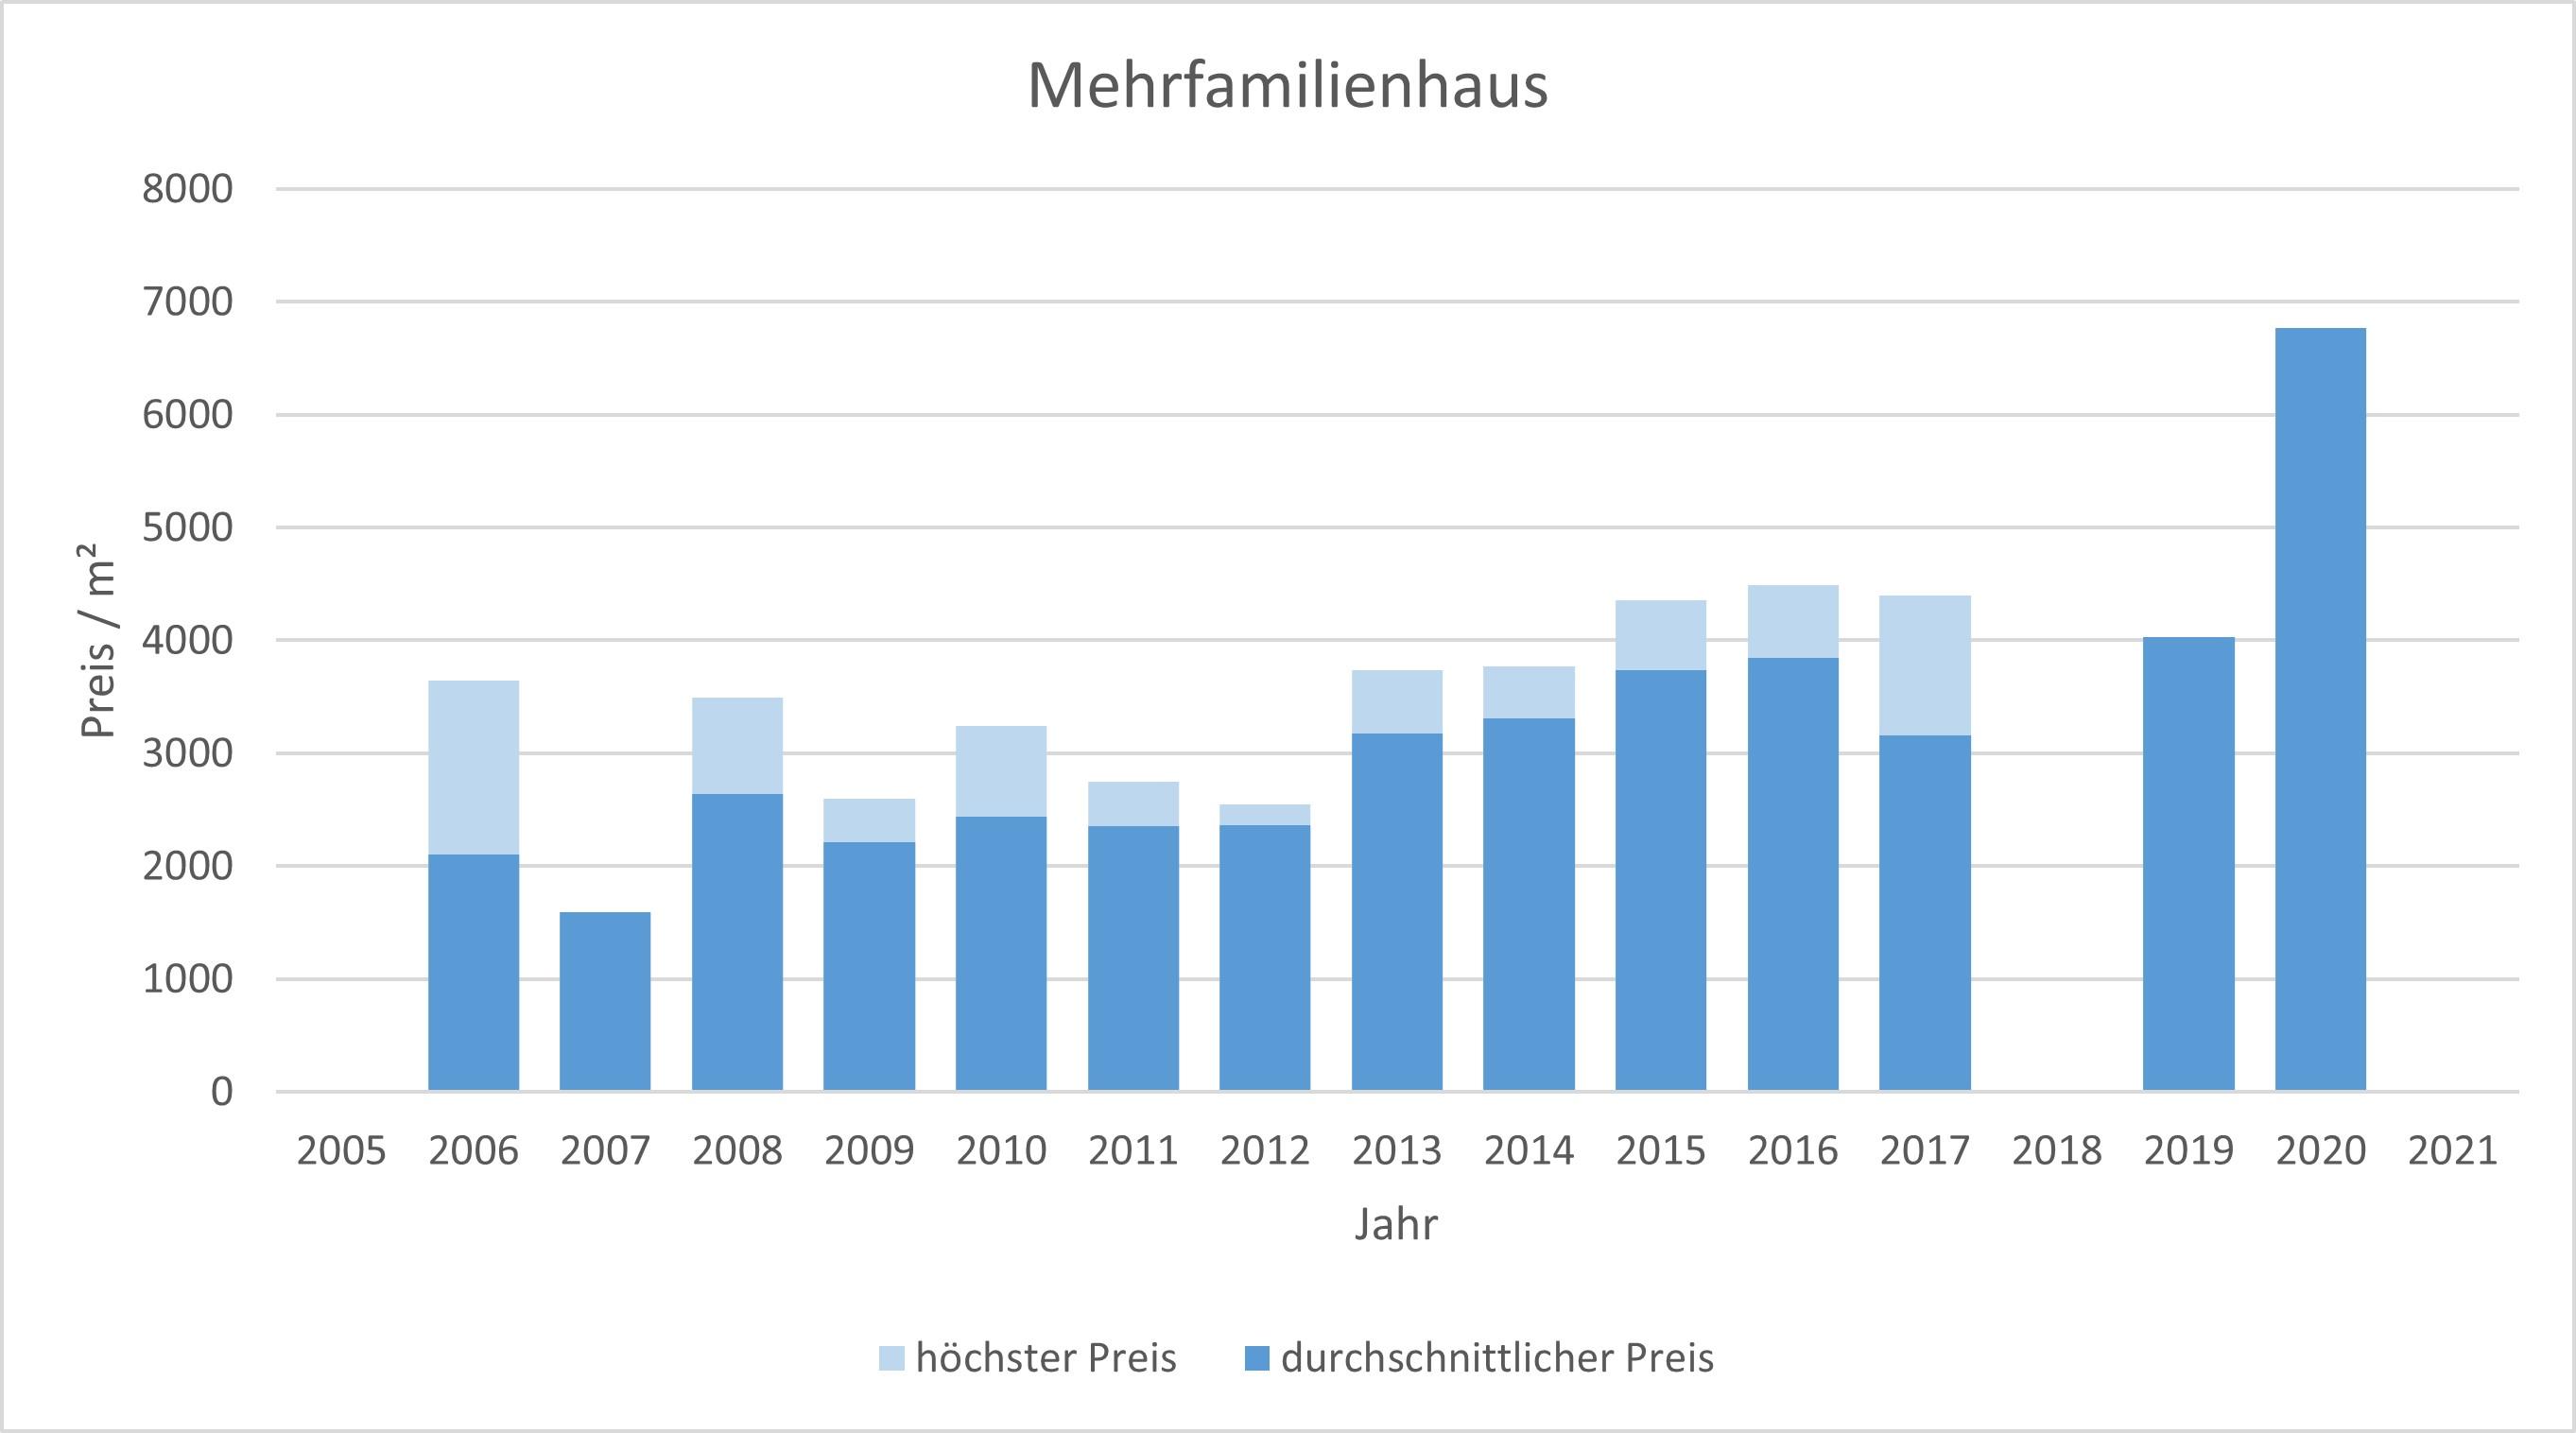 Haimhausen Mehrfamilienhaus kaufen verkaufen Preis Bewertung Makler  2019 2020 2021 www.happy-immo.de